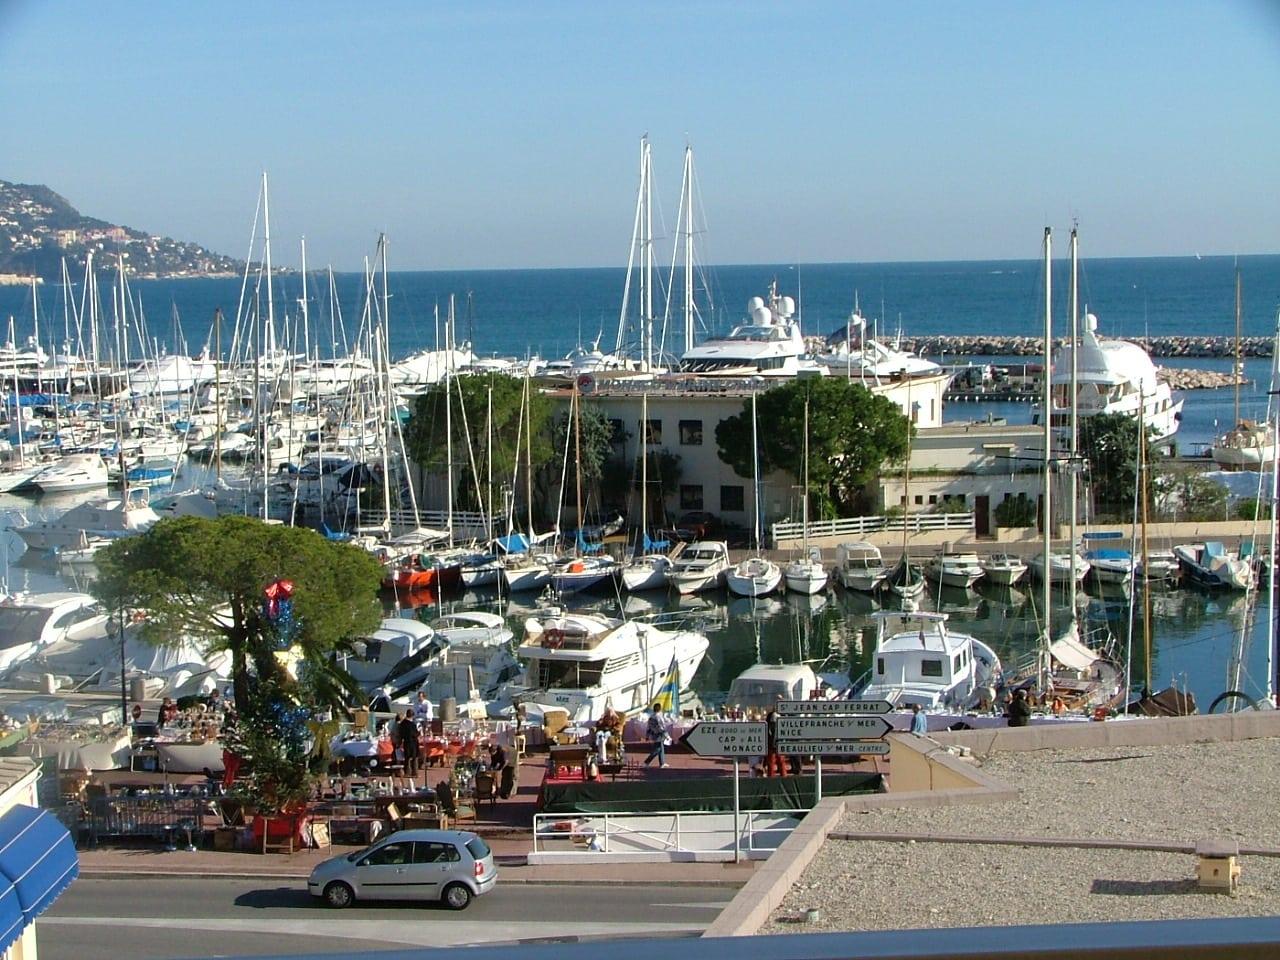 Le Marina, Beaulieu-sur-Mer